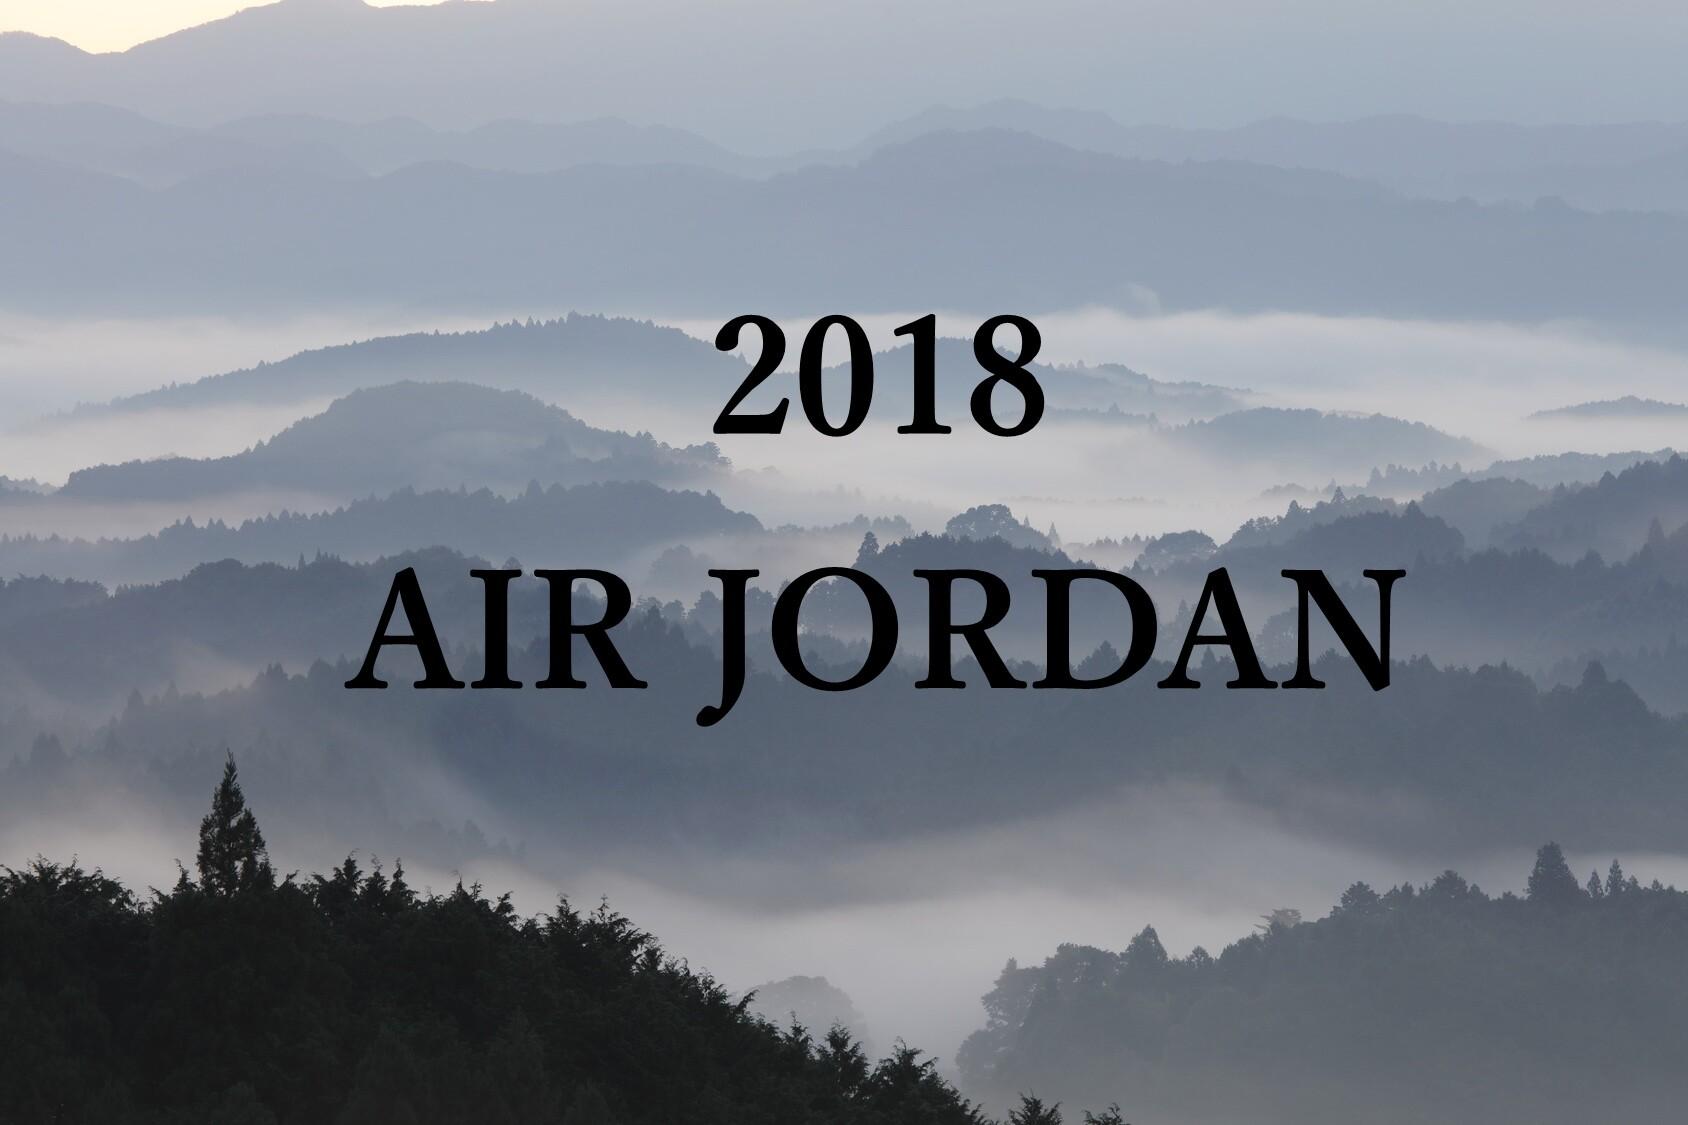 2018年の新作 エアジョーダン 発売日 ラインナップ